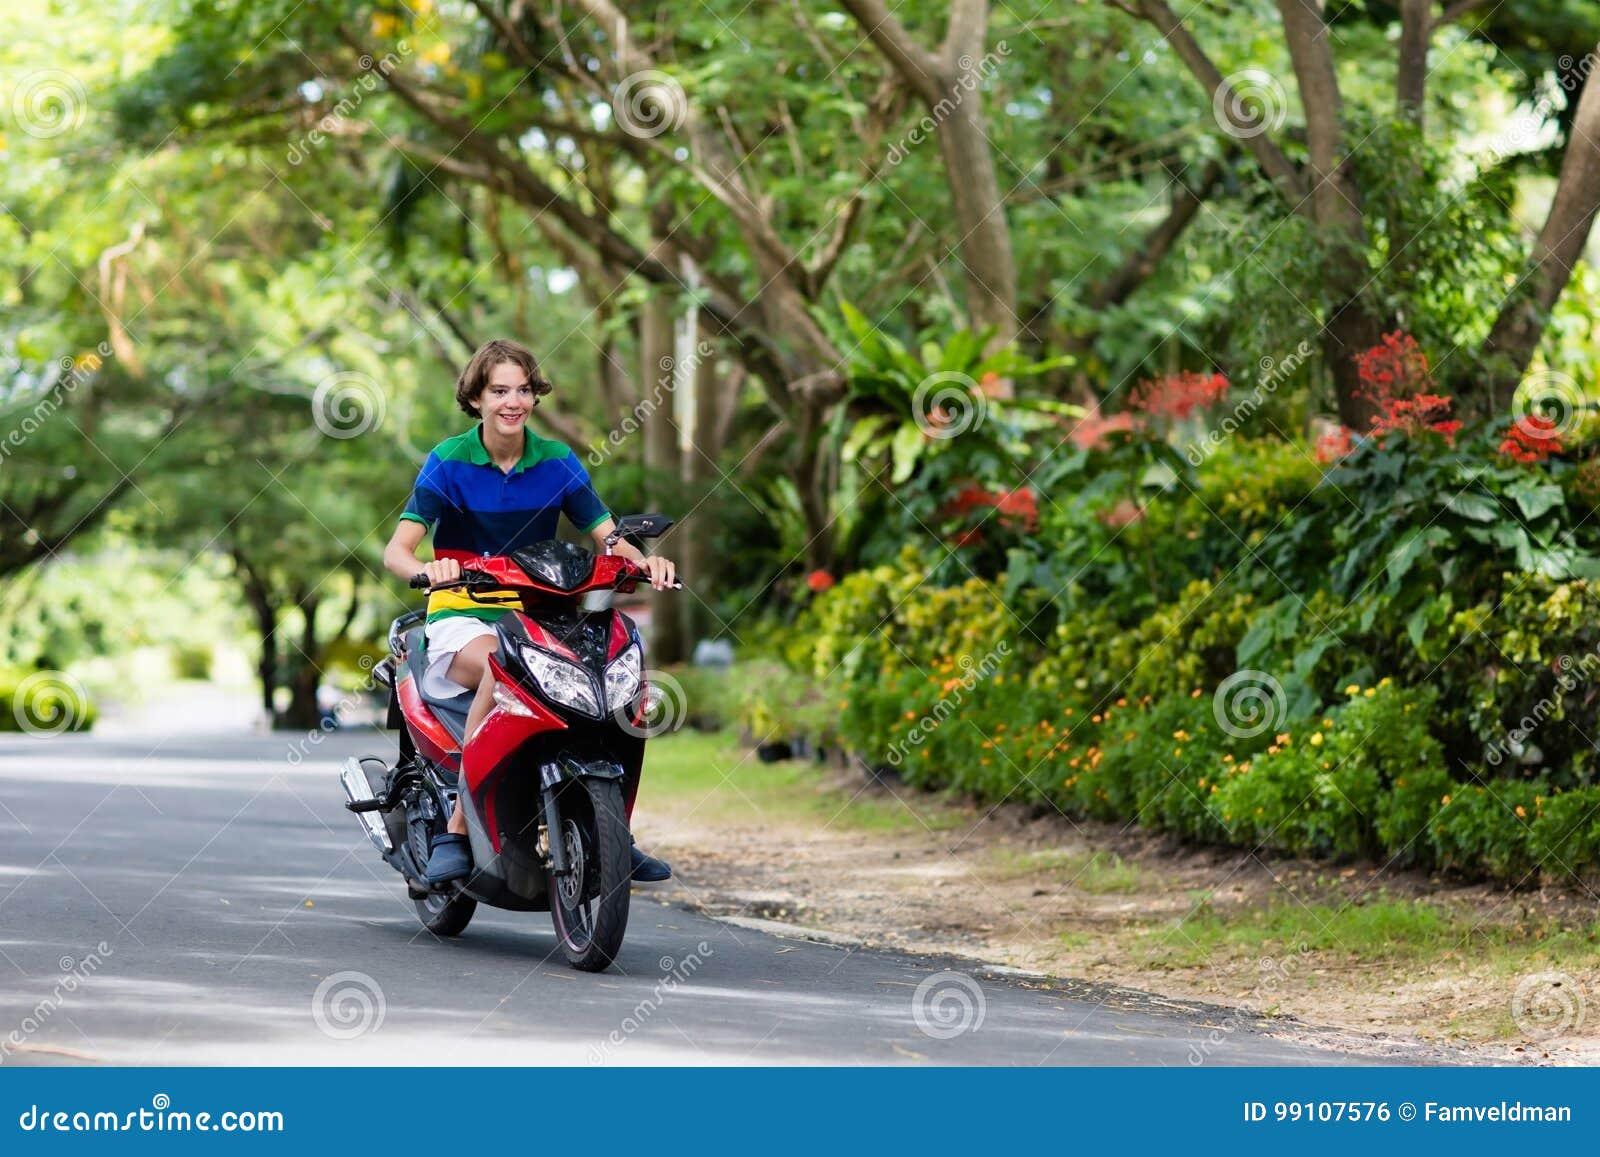 trotinette  da equitação do adolescente Menino na motocicleta